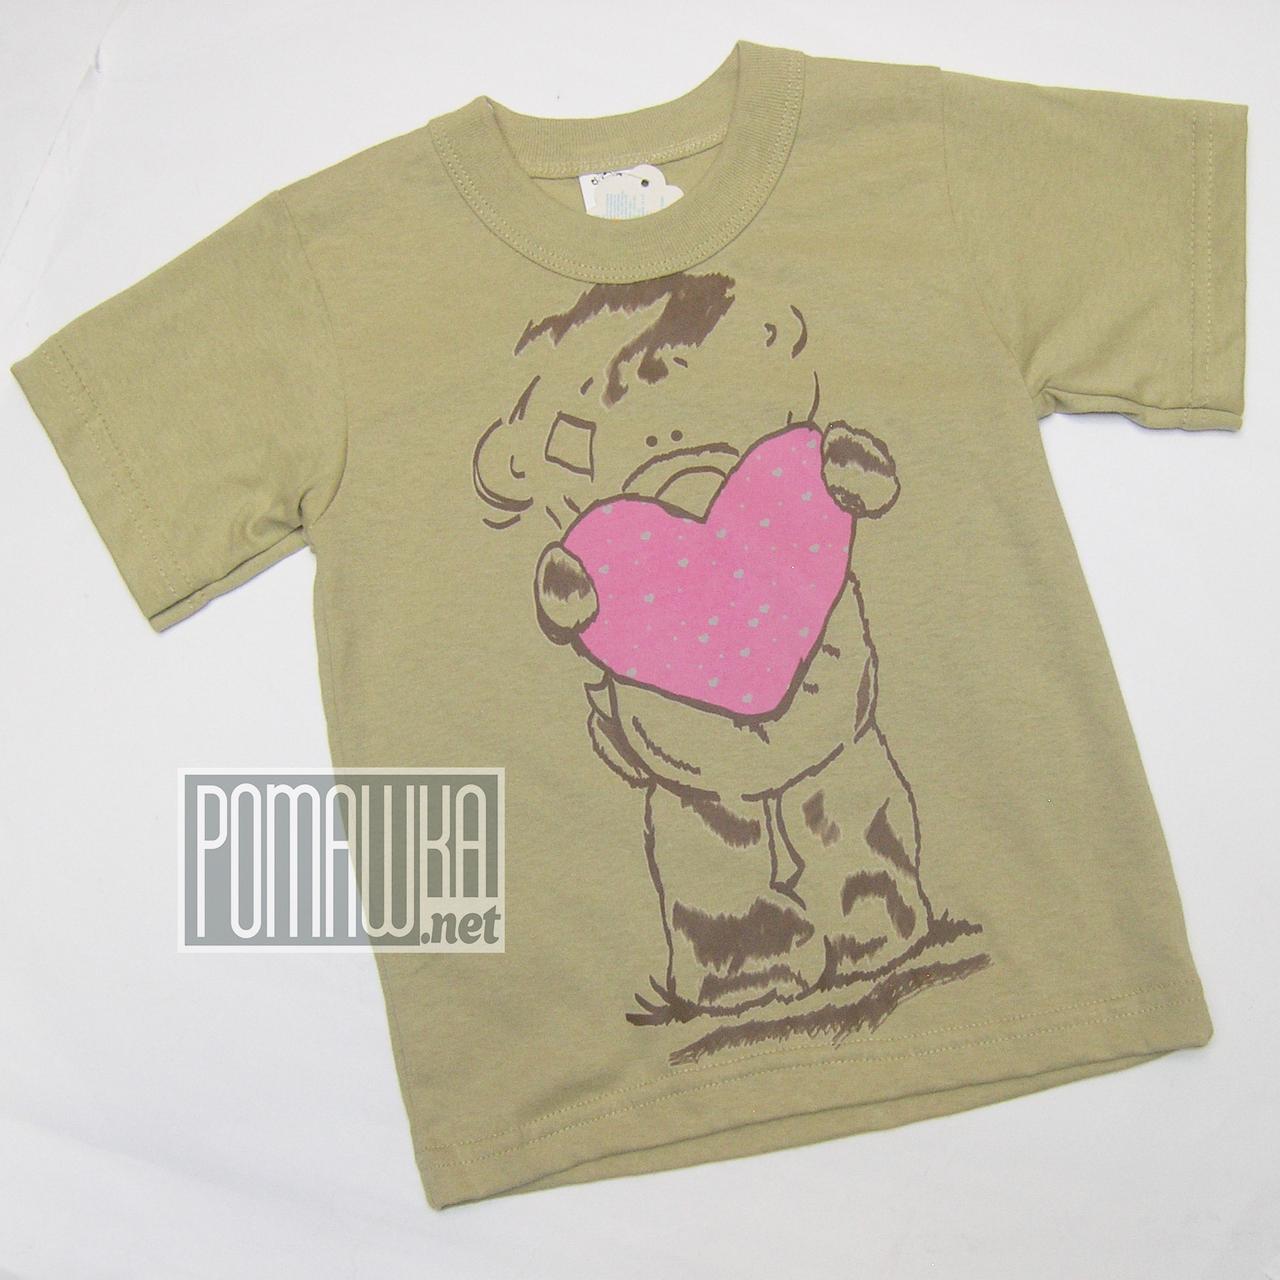 Детская футболка для девочки р. 98 ткань КУЛИР-ПИНЬЕ 100% тонкий хлопок ТМ Ромашка 4288 Бежевый